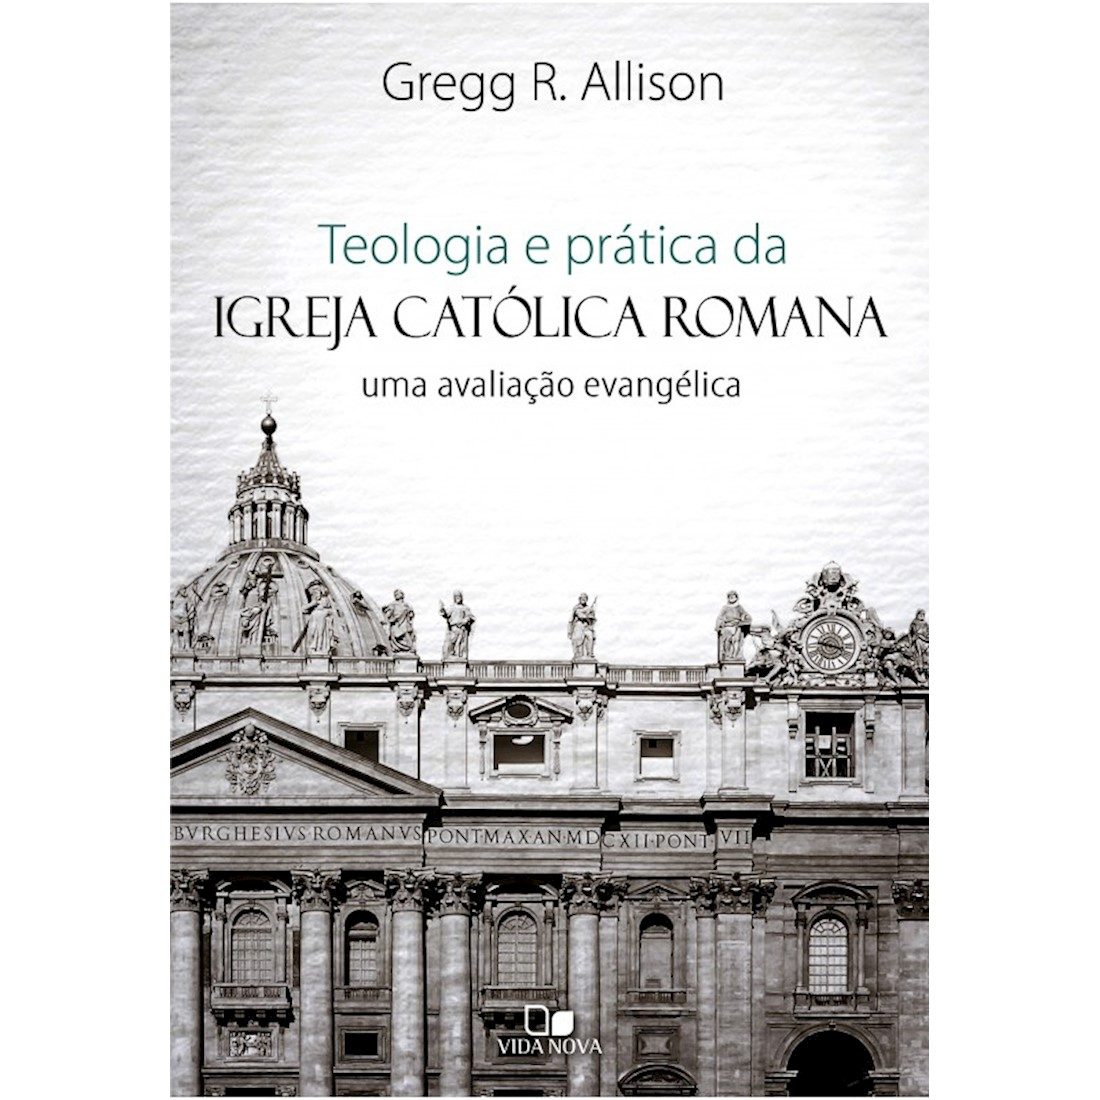 Livro Teologia e Prática da Igreja Católica Romana